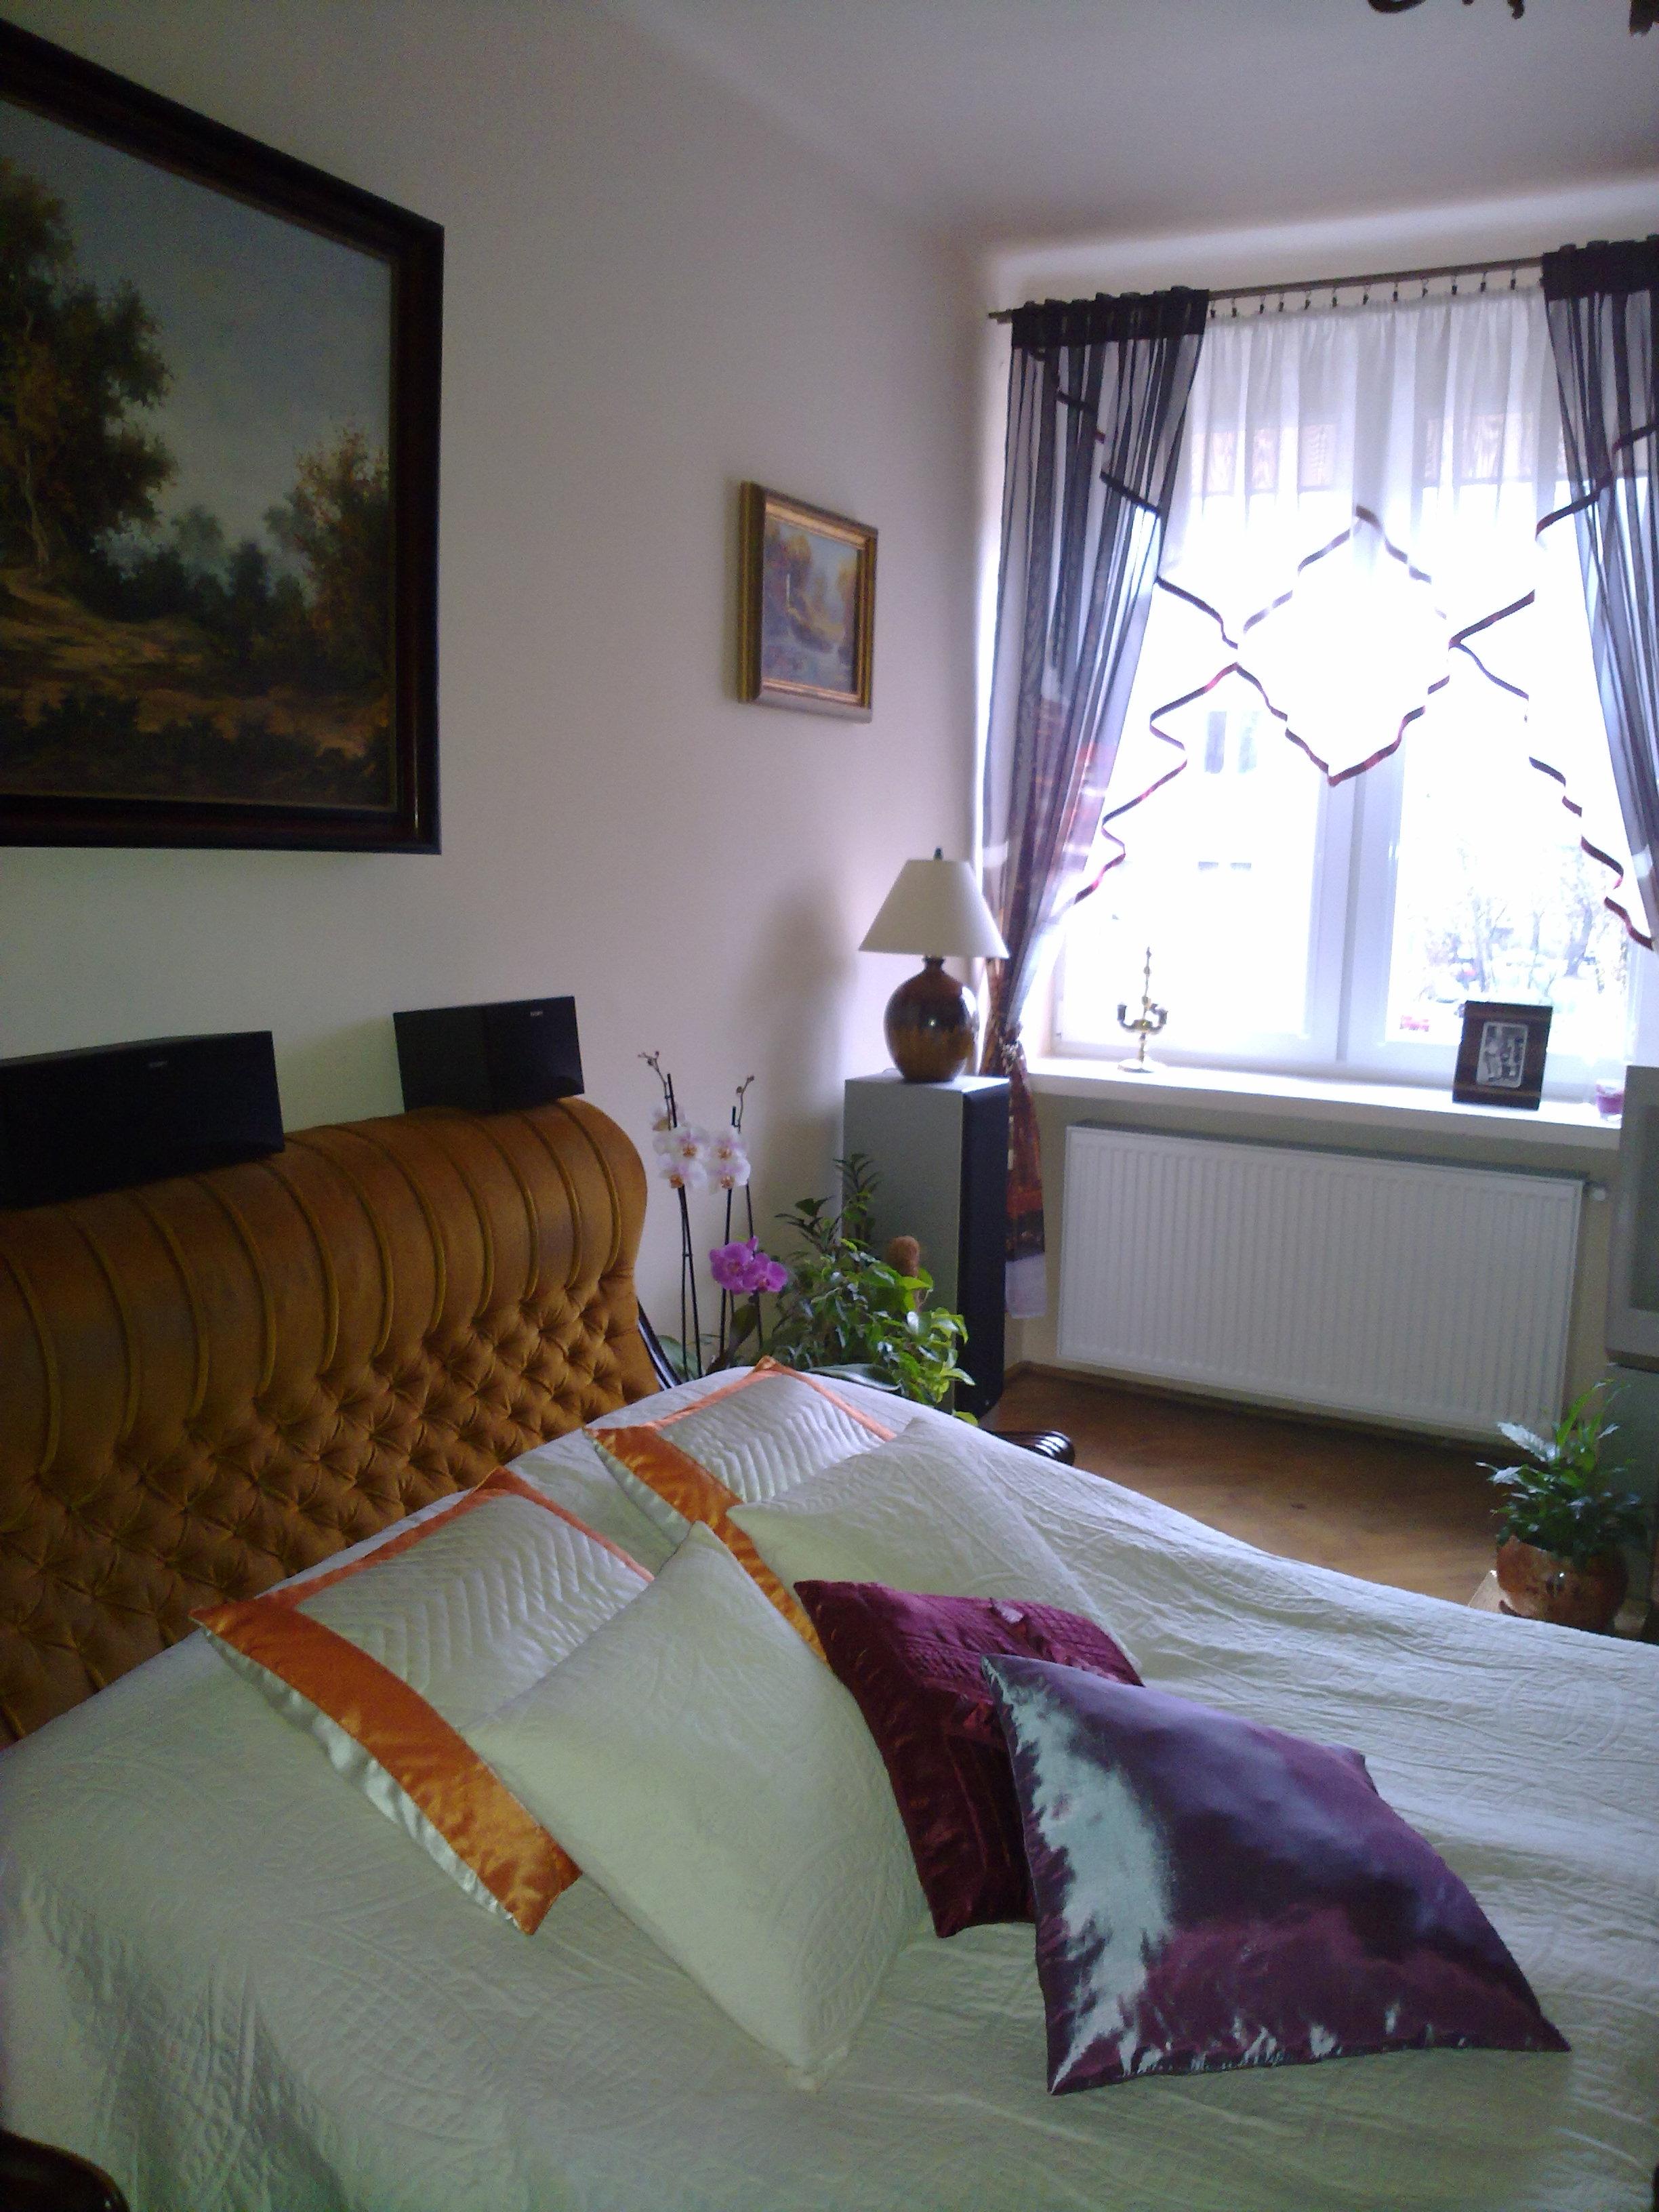 Sprzedam mieszkanie Warszawa-Mokotów Bezpośrednio